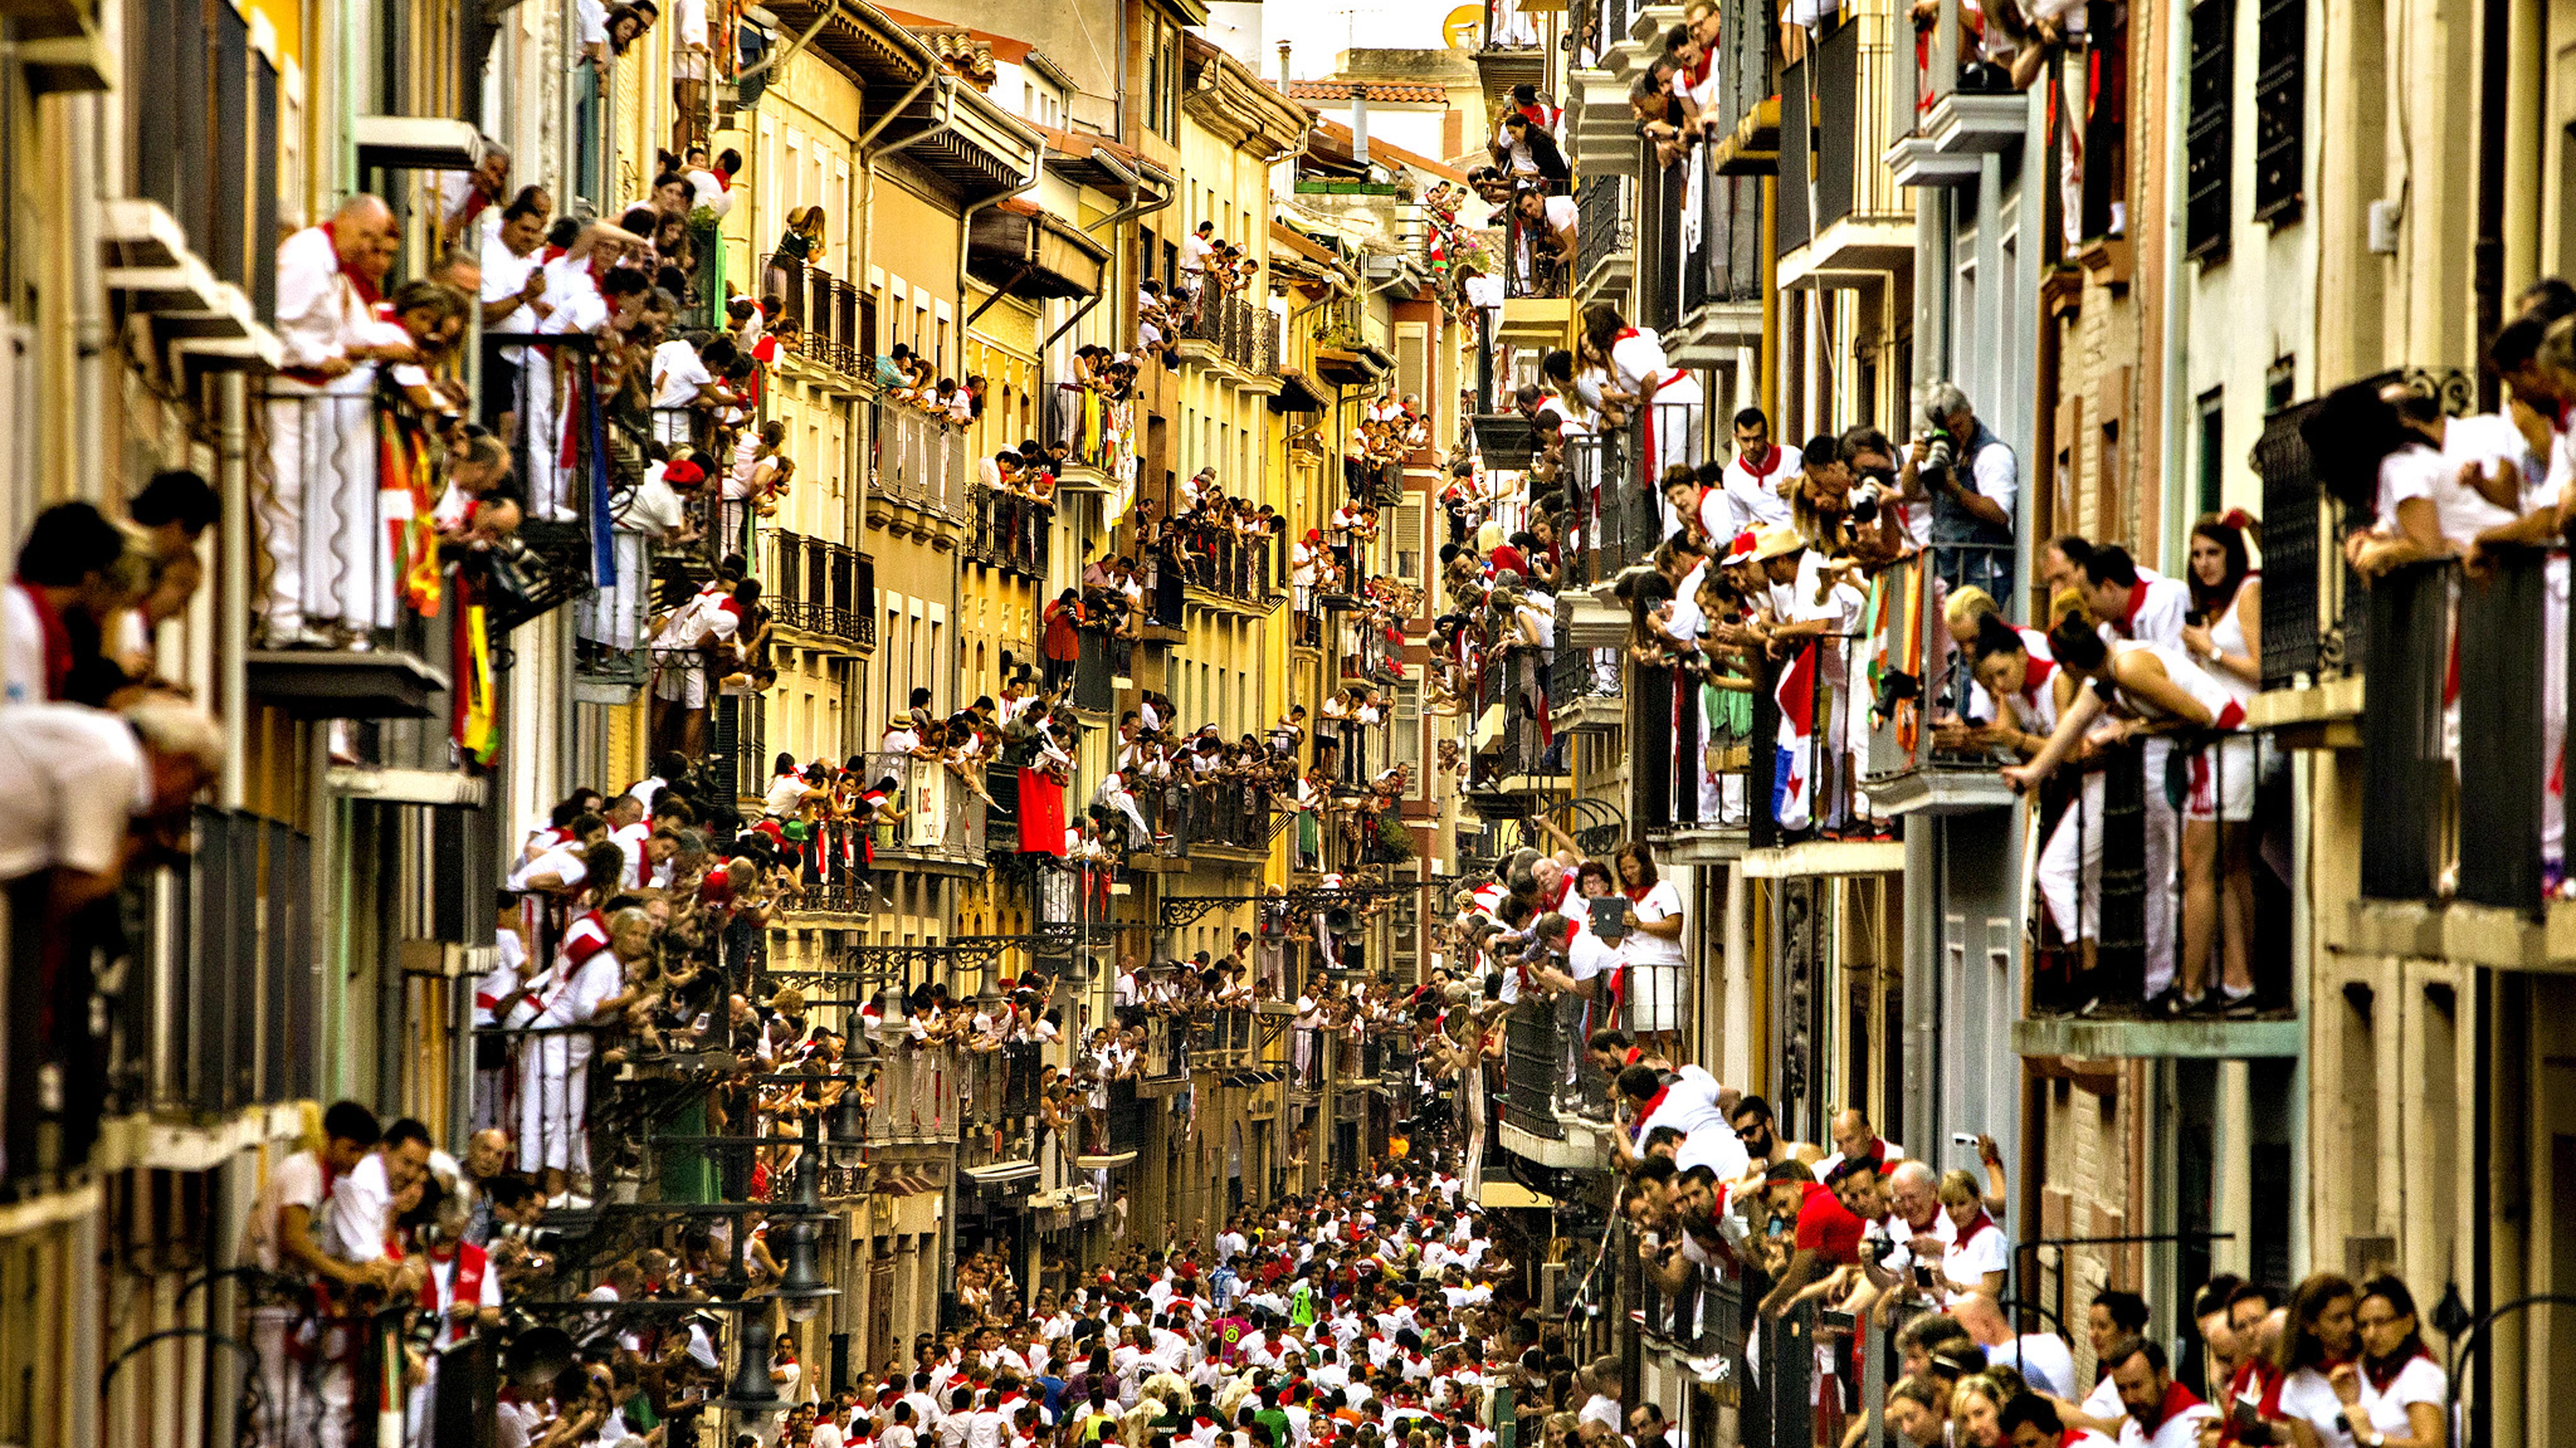 """8 дн./7 н. Тур """"Фиеста: из Страны Басков в Наварру дорогой Хемингуэя"""" с участием в празднике Сан-Фермин из Бильбао"""